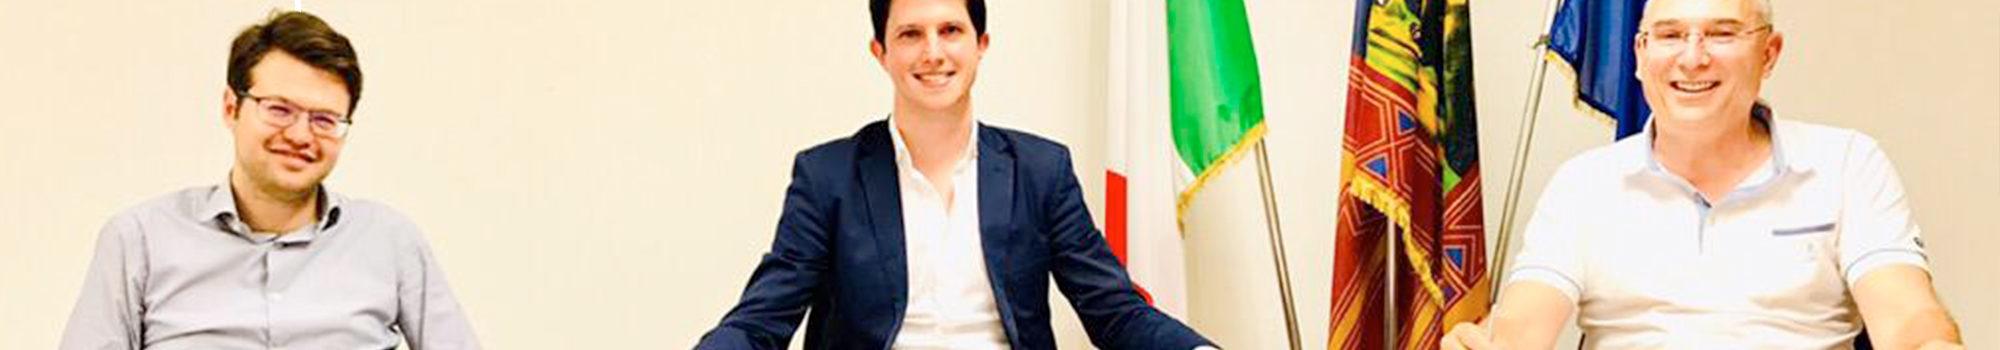 Elezioni Comunali 2019: Grazie Tribano!